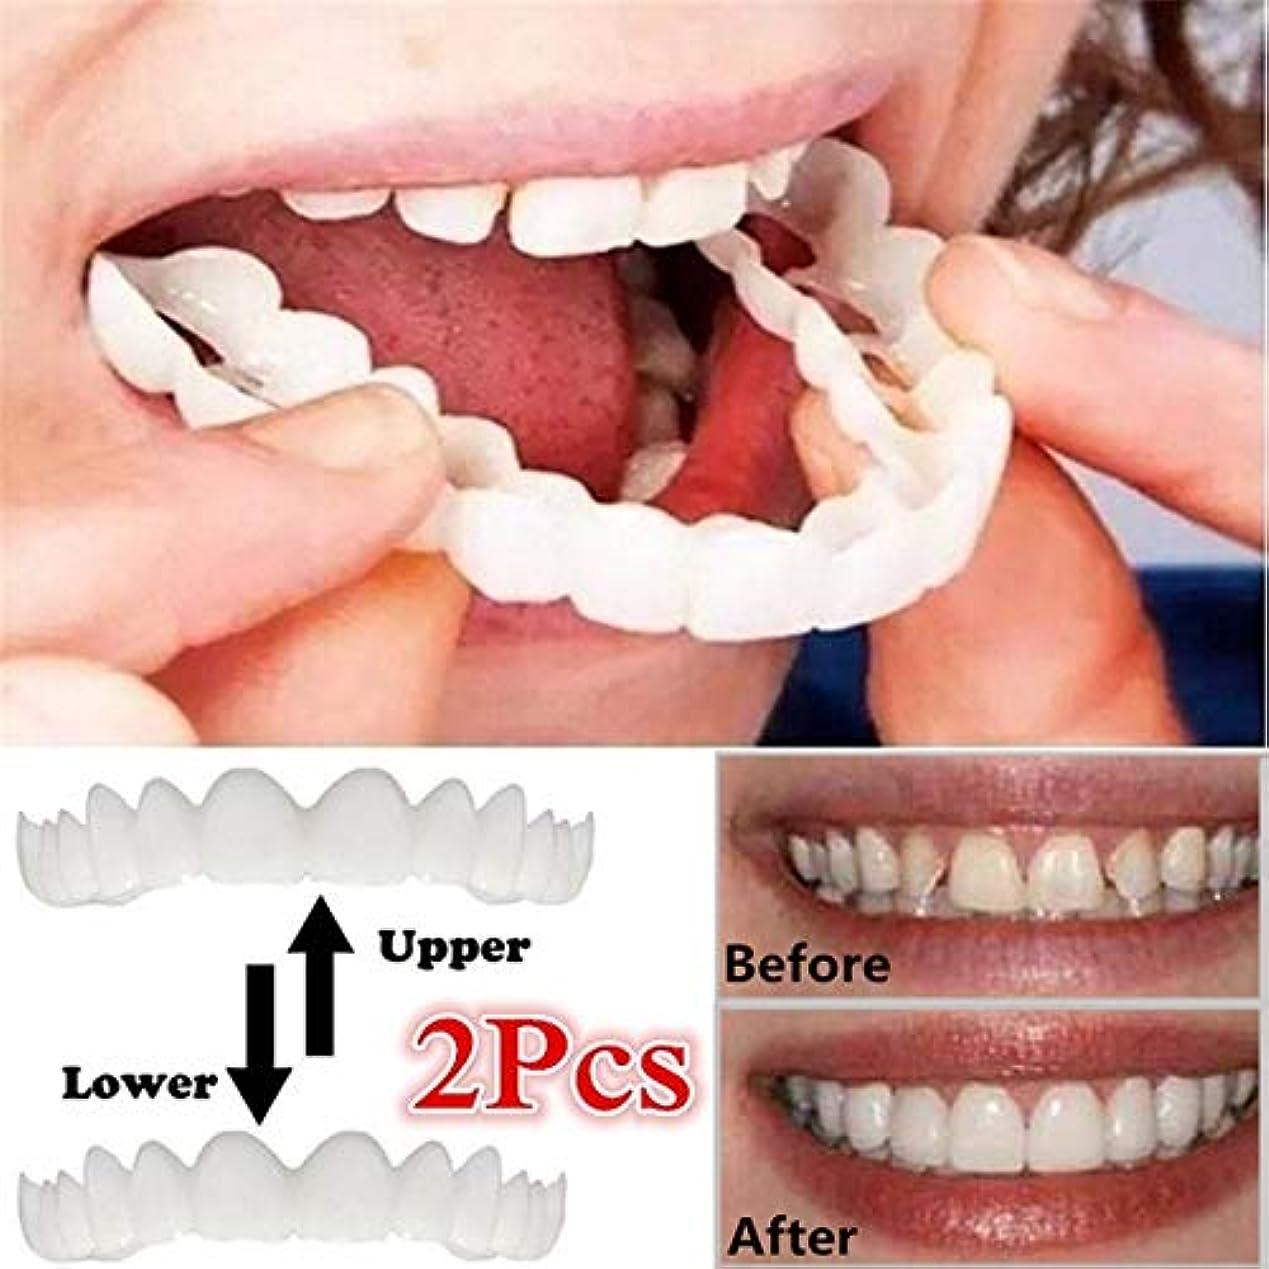 アウトドア非難するテキスト新しい1対の模擬歯の笑顔が、最も快適な上下の歯のベニア(一番下と一番上)のための柔らかい歯に快適にフィット